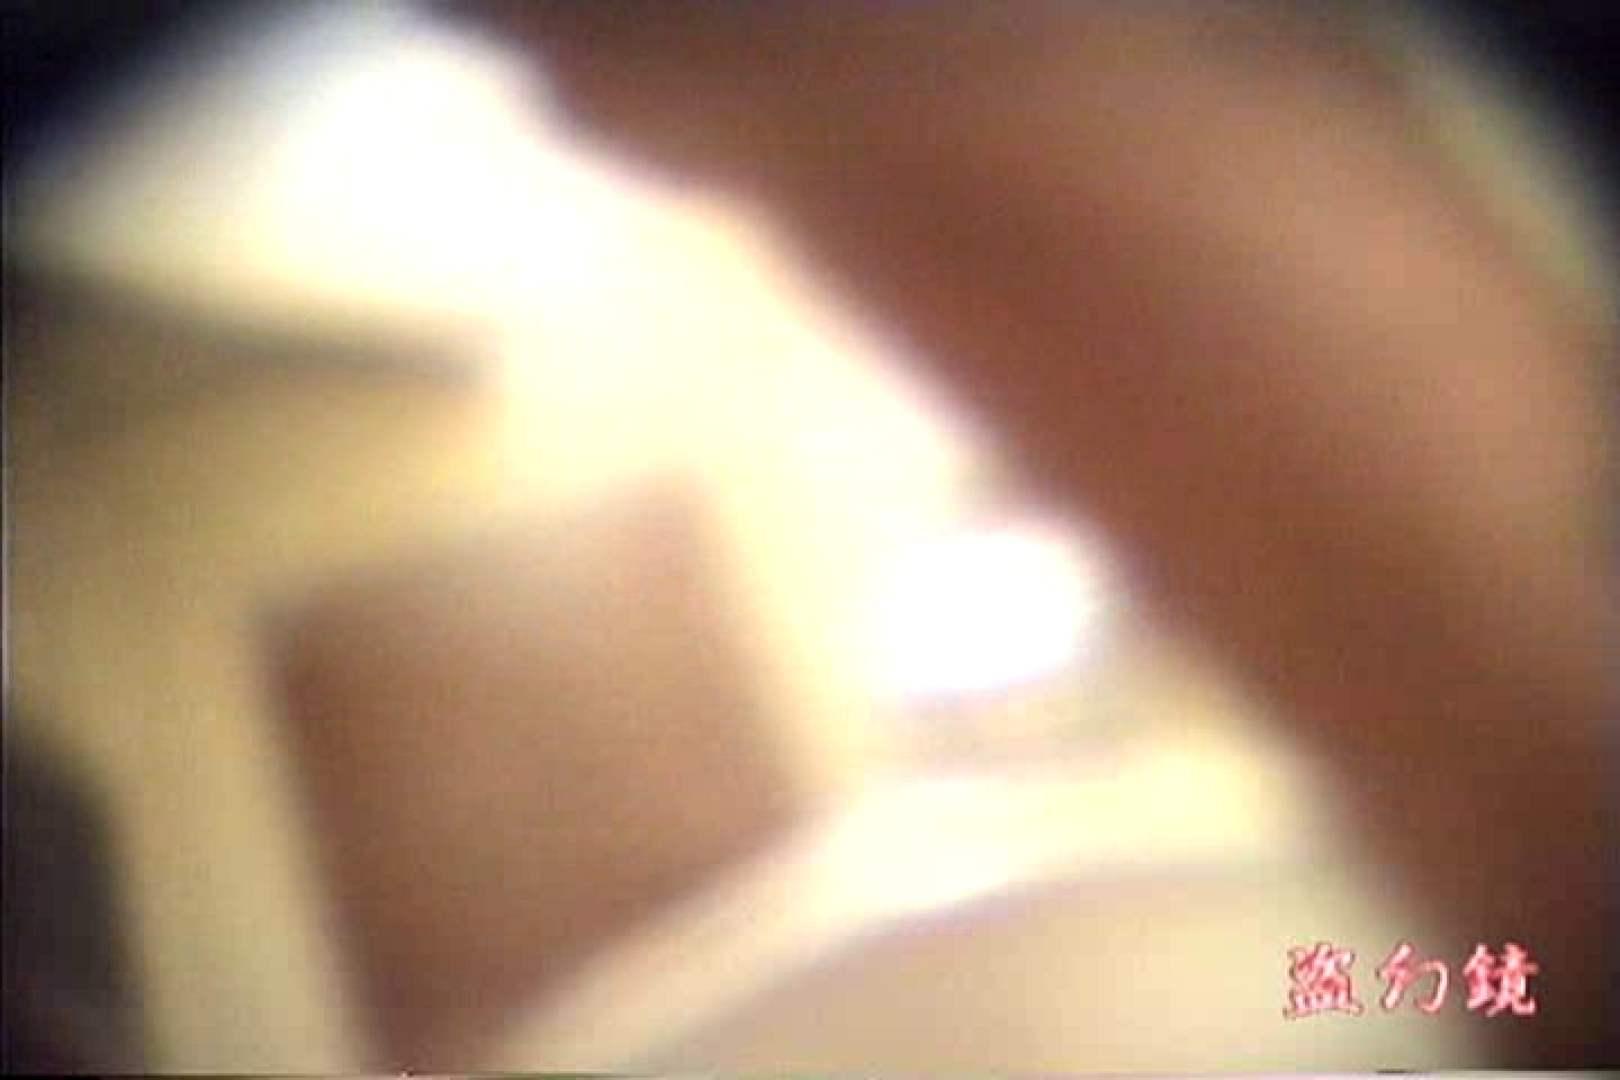 真夏のビーチ!!和式洗面所の穴rba02 洗面所突入 おまんこ動画流出 86pic 21